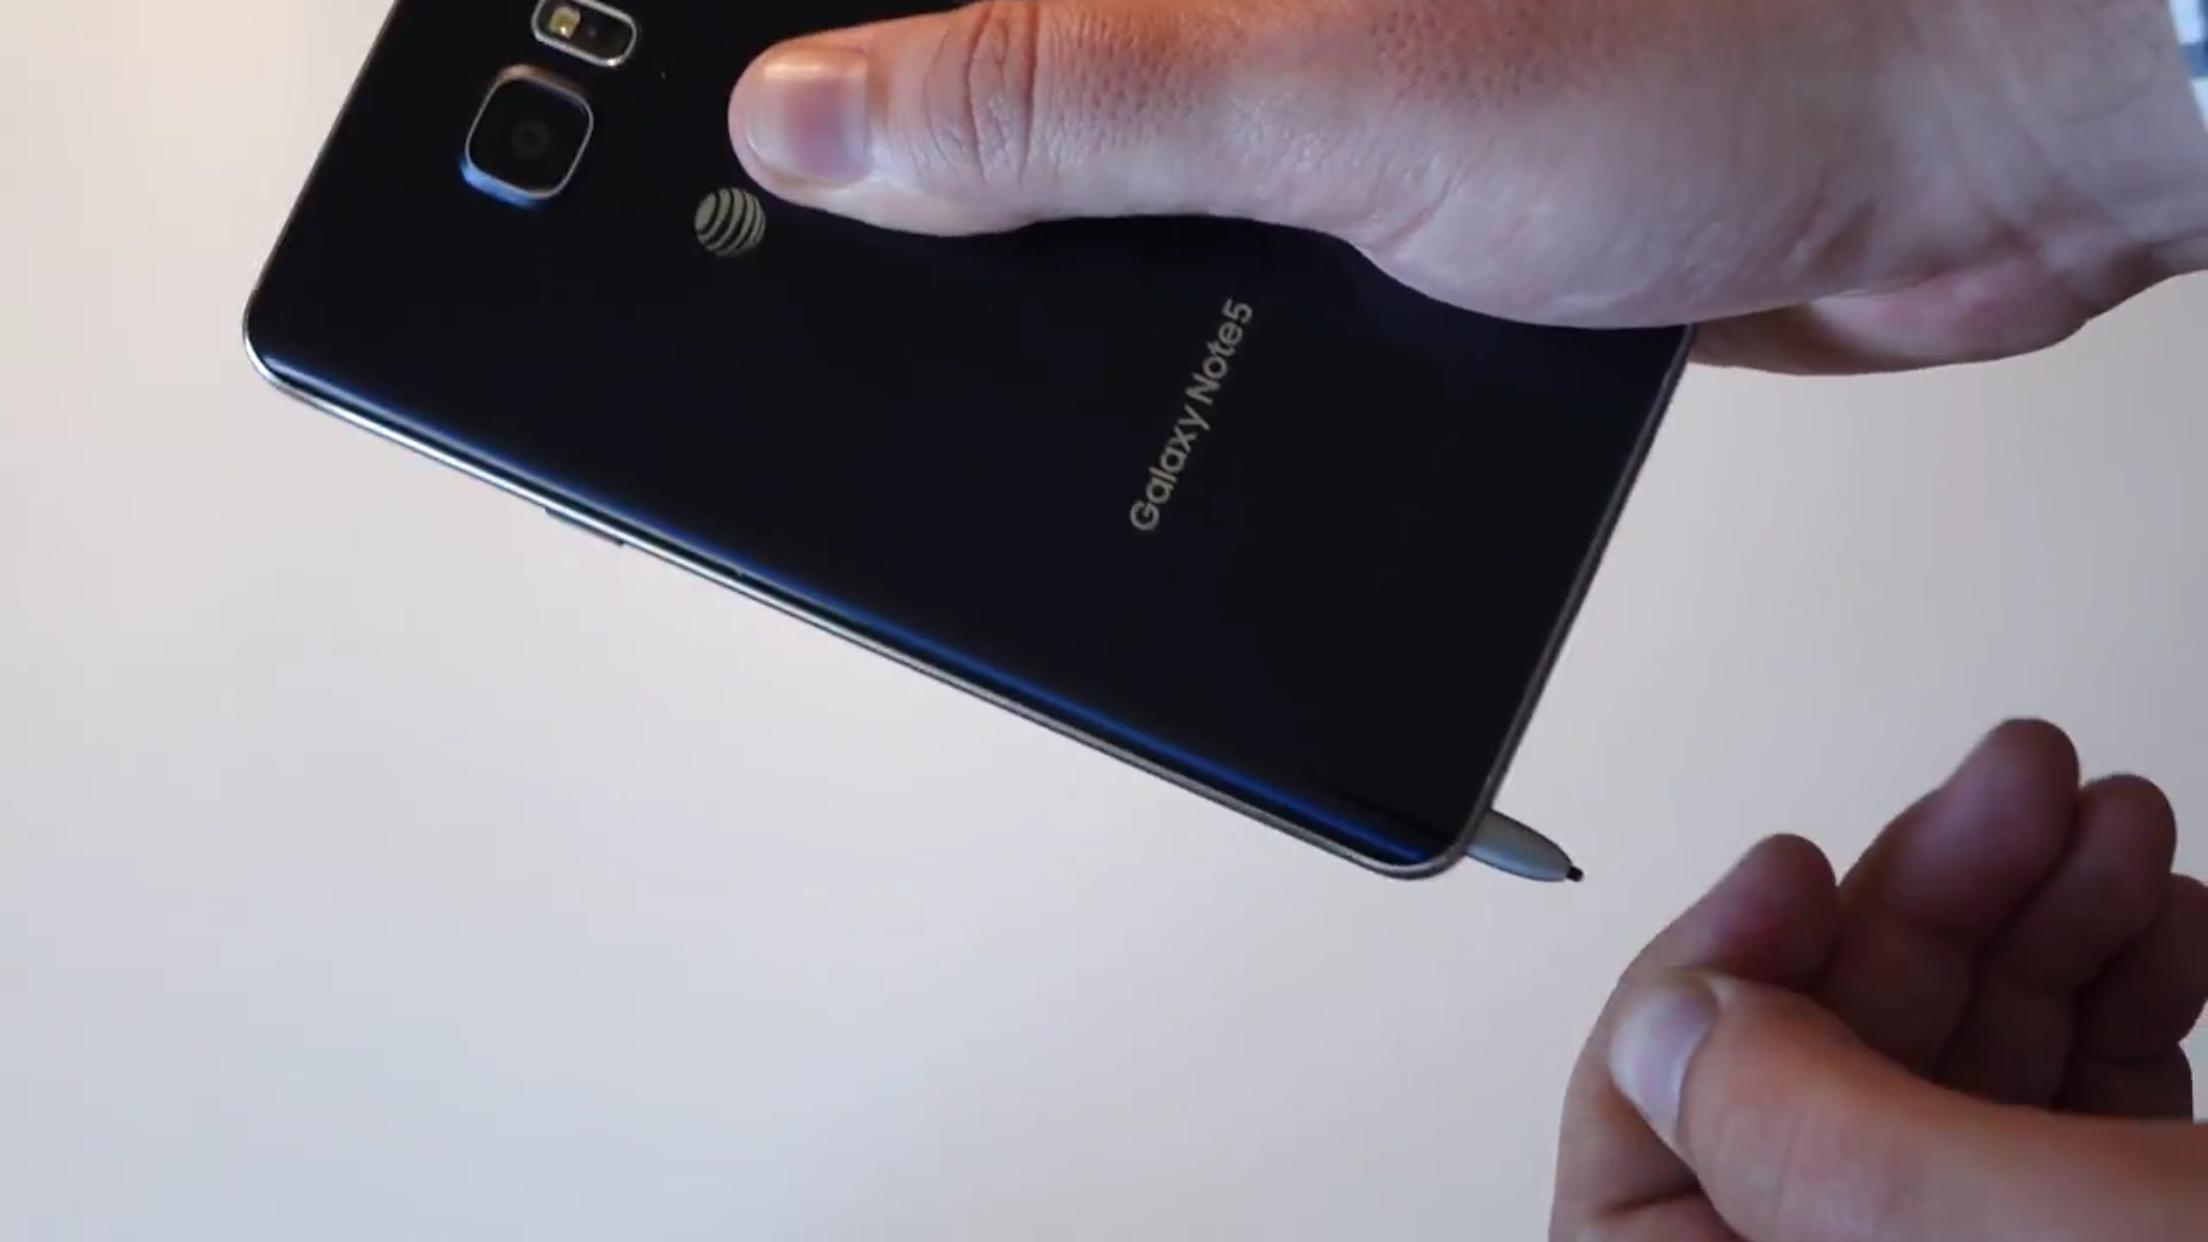 官方霸氣回應| Note 5設計問題 S Pen掉轉插即死